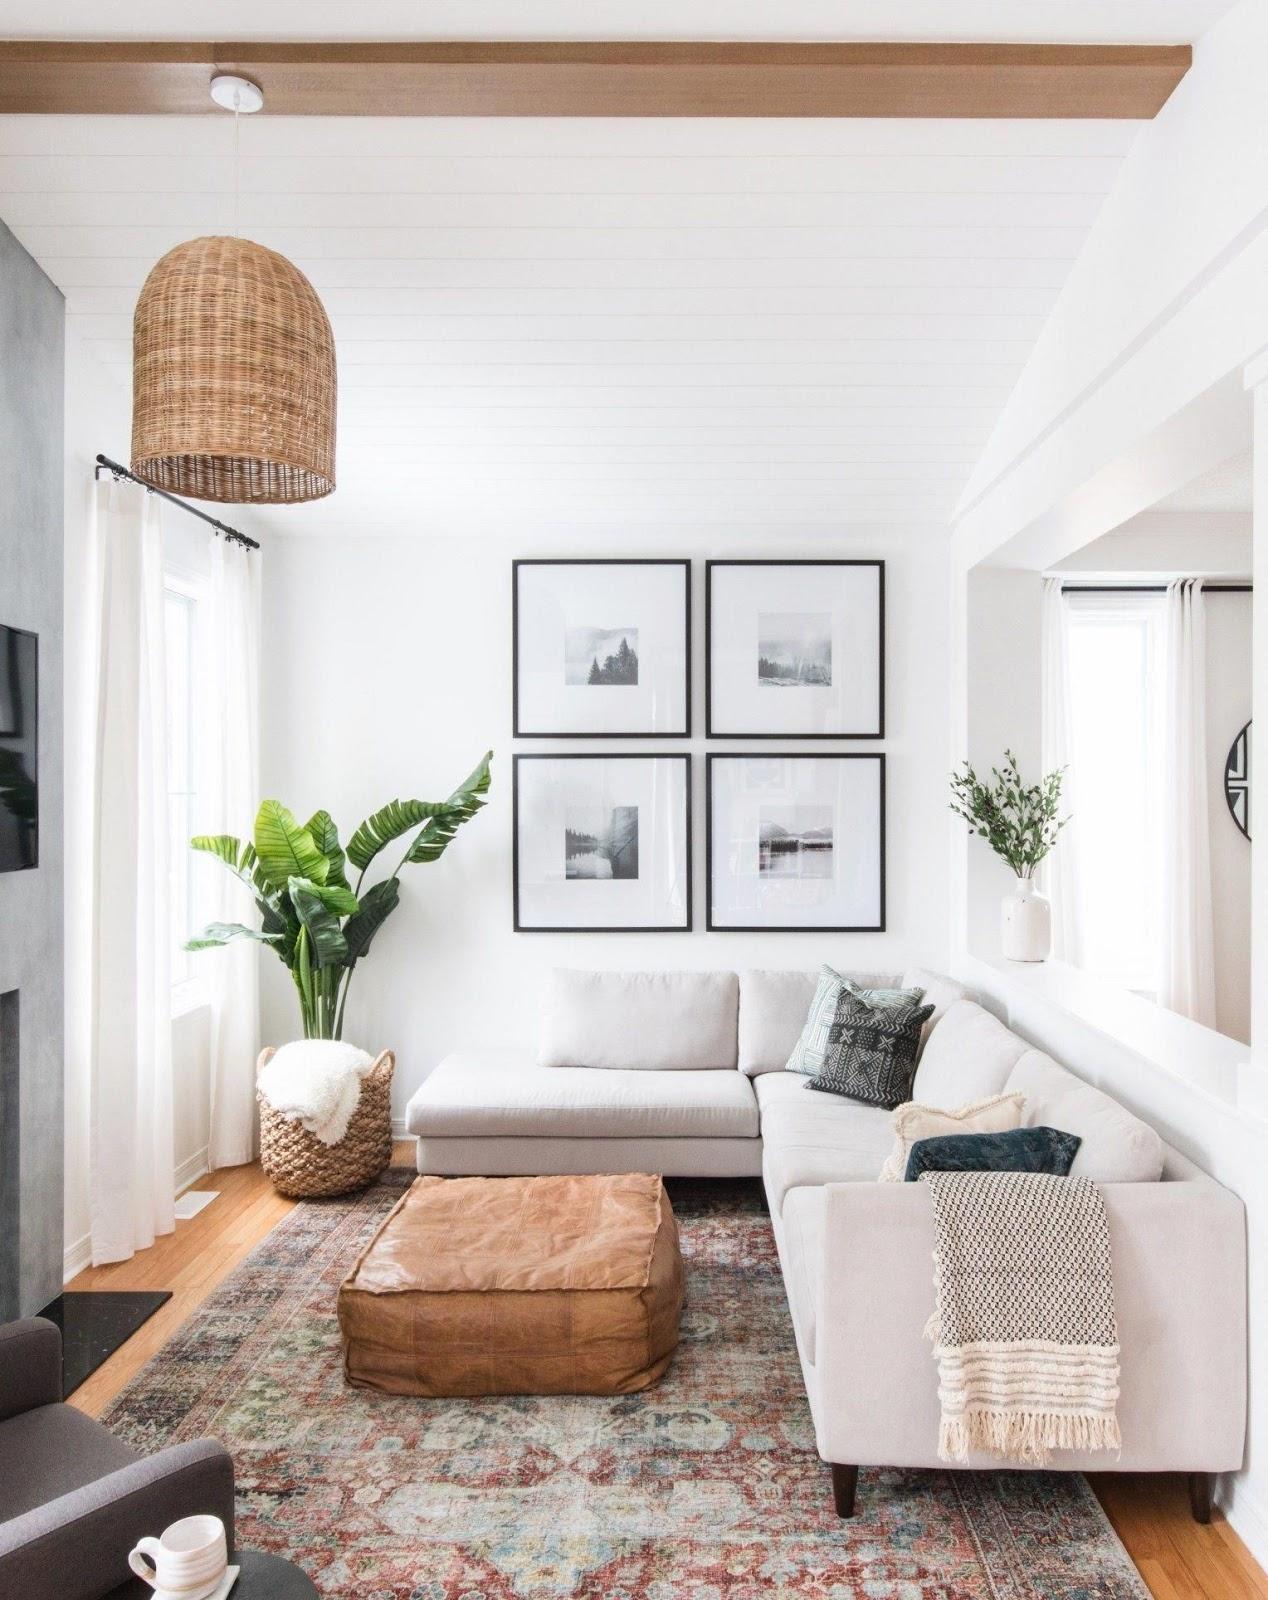 Trendy boho living room interior